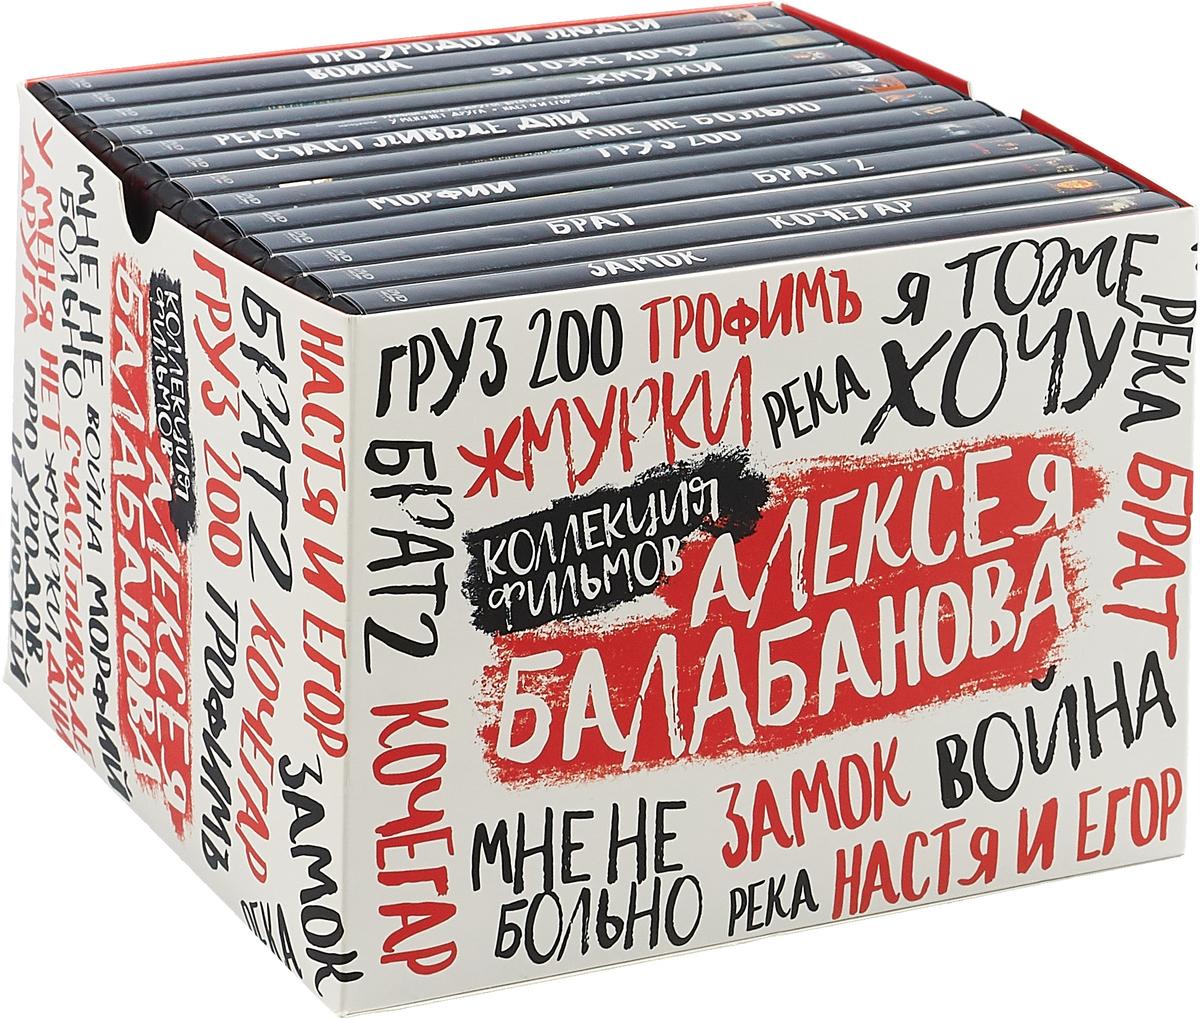 Коллекция Фильмов Алексея Балабанова (13 DVD) коллекция фильмов комедии выпуск 2 4 dvd